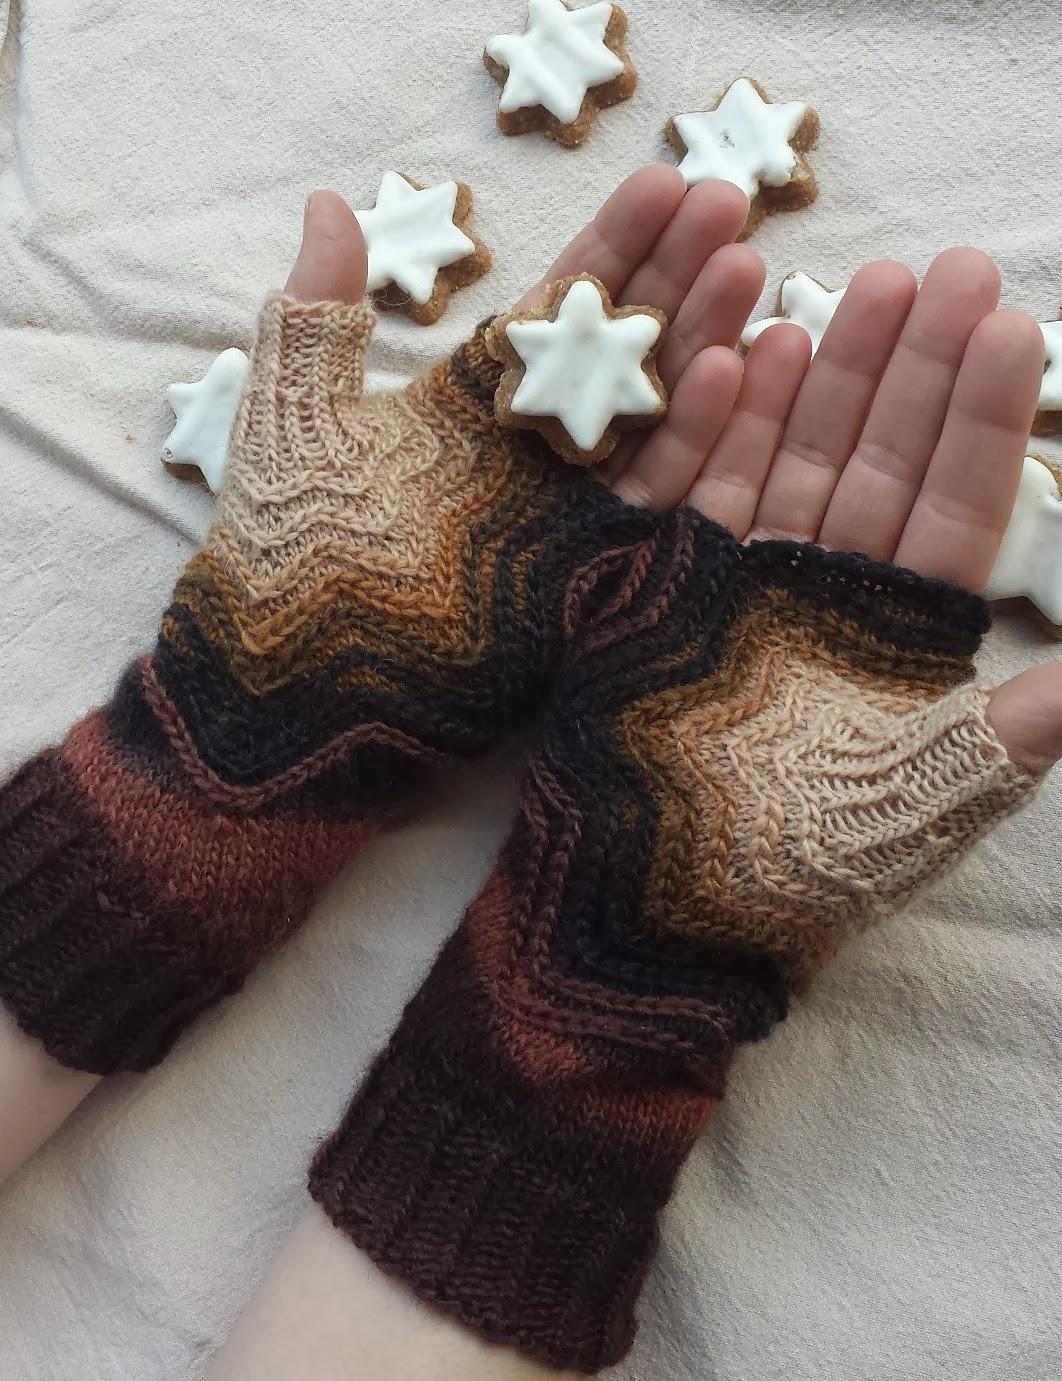 Fingerless Gloves Knitting Pattern Ravelry : Fingerless Mitts and Gloves Knitting Patterns In the Loop Knitting